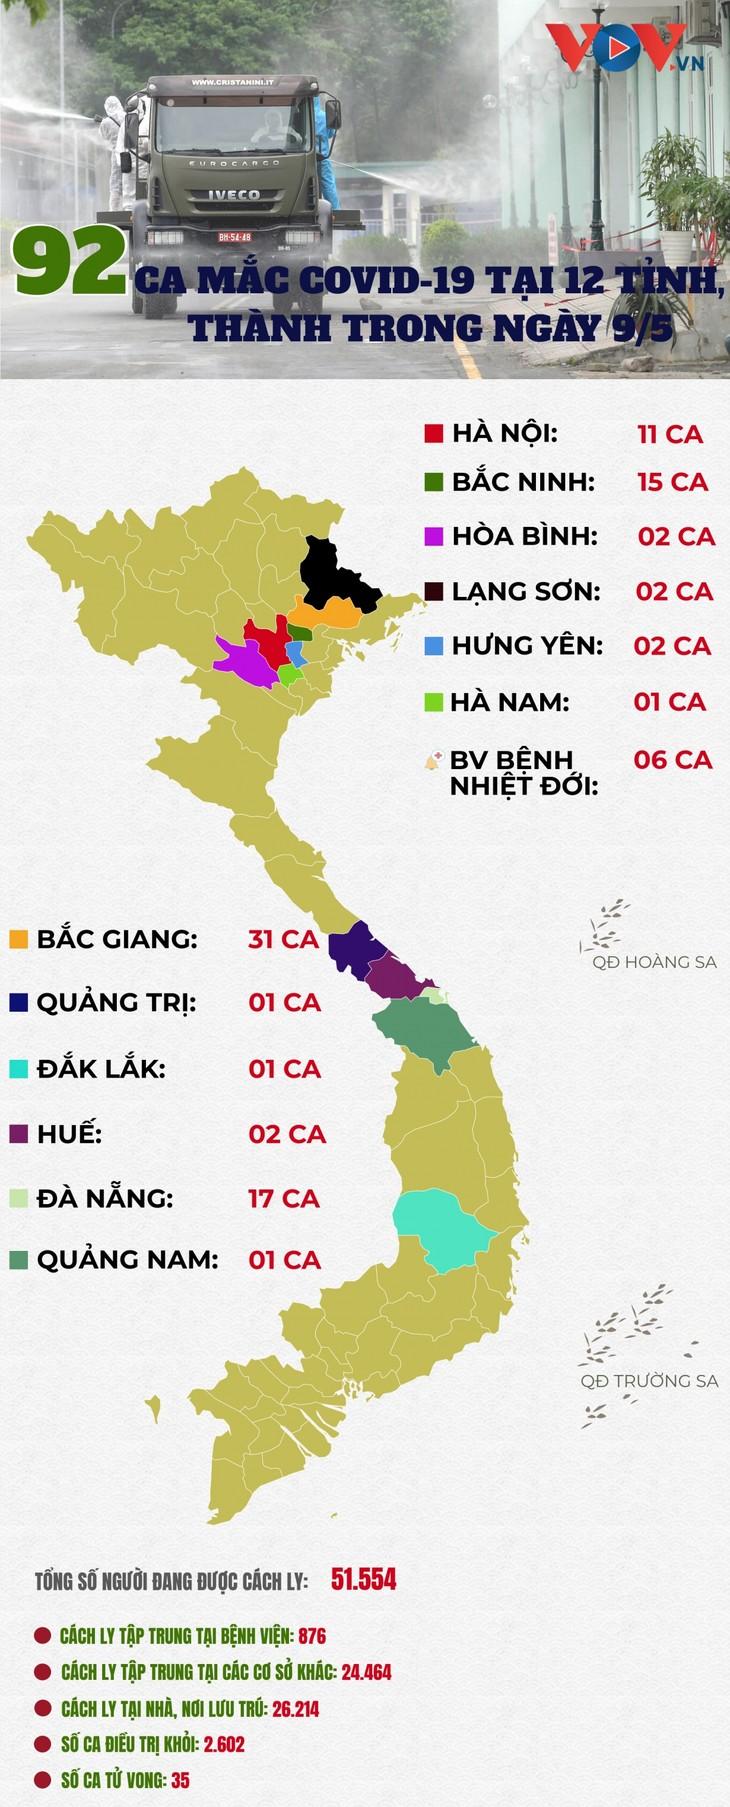 เวียดนามพบผู้ติดเชื้อโควิด-19 รายใหม่อีก 92 ราย ใน12จังหวัดและนคร - ảnh 1